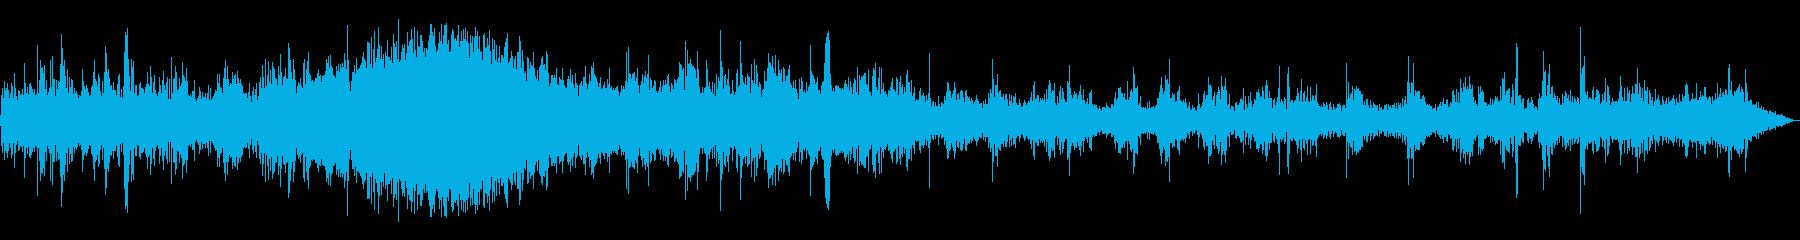 帰宅を急ぐ足音の効果音の再生済みの波形